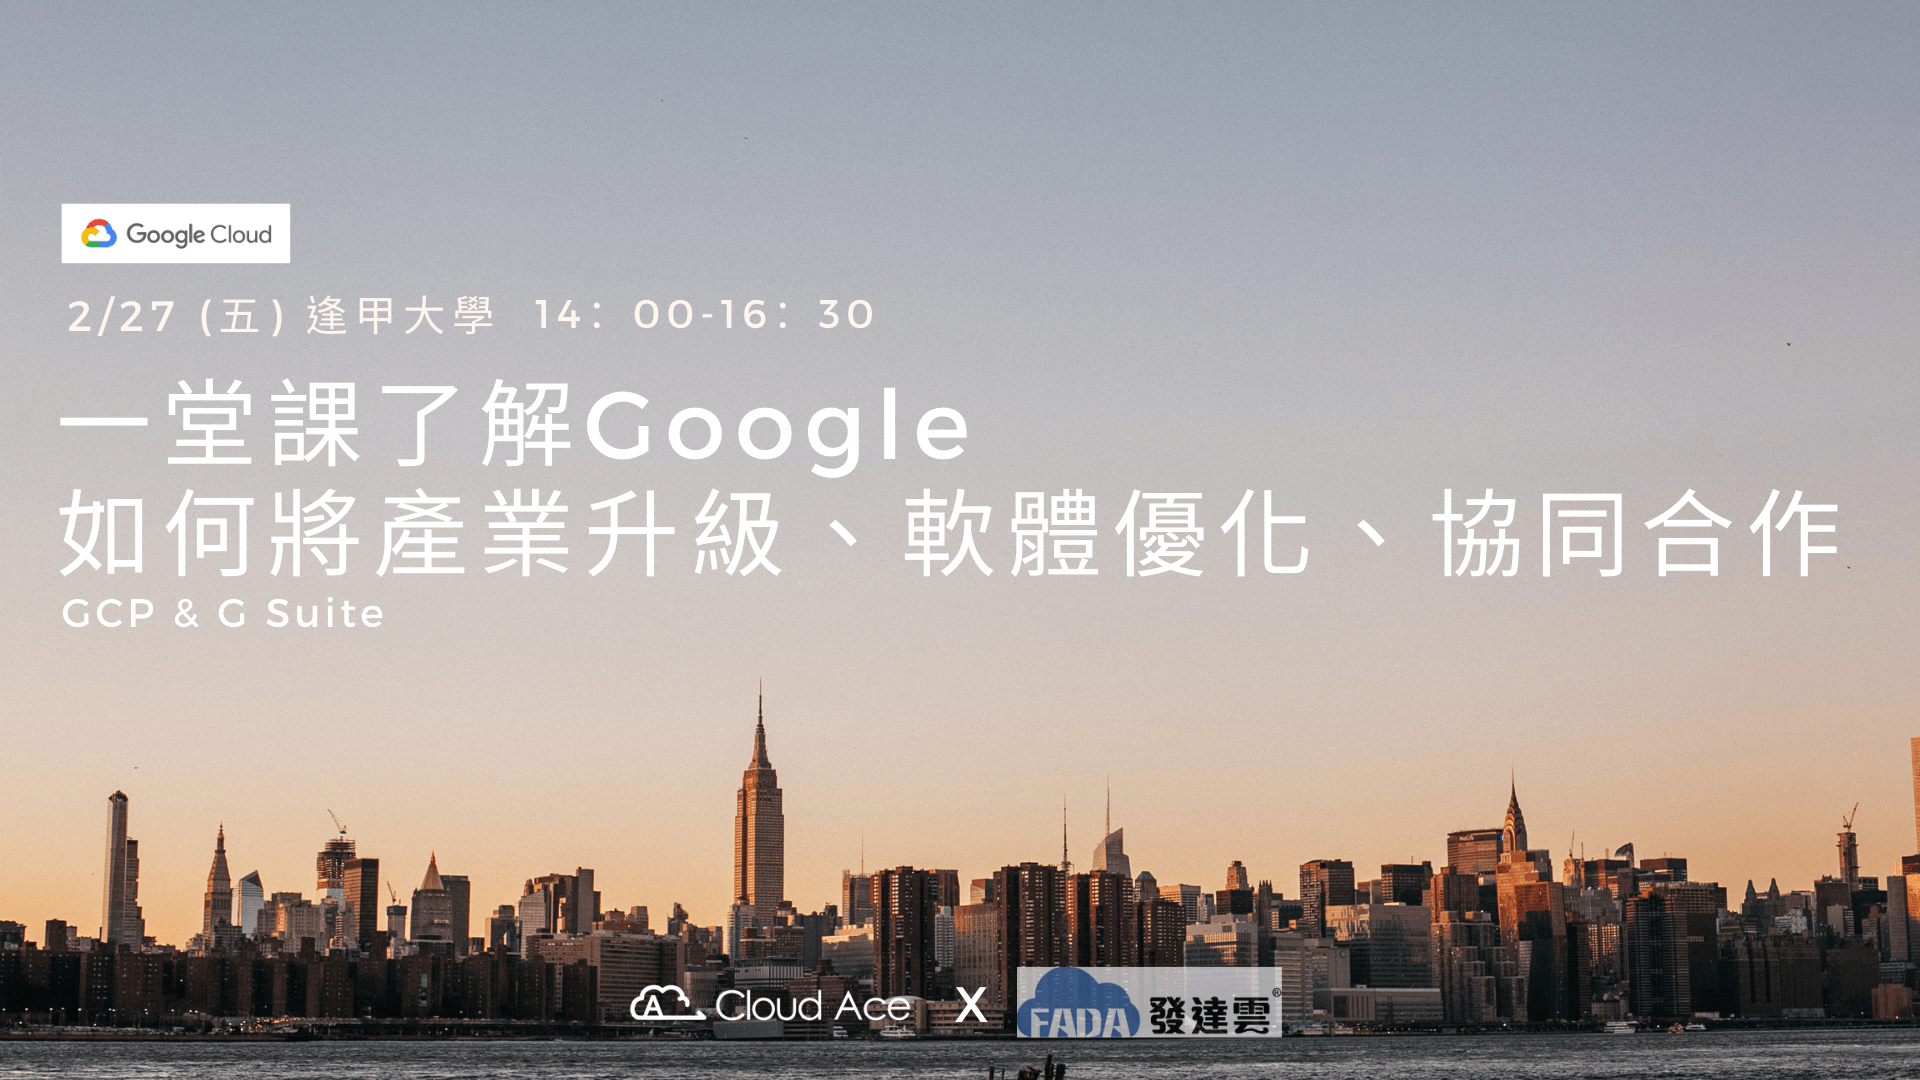 一堂課了解Google如何將產業升級、軟體優化、協同合作-Google Cloud Platform & G Suite